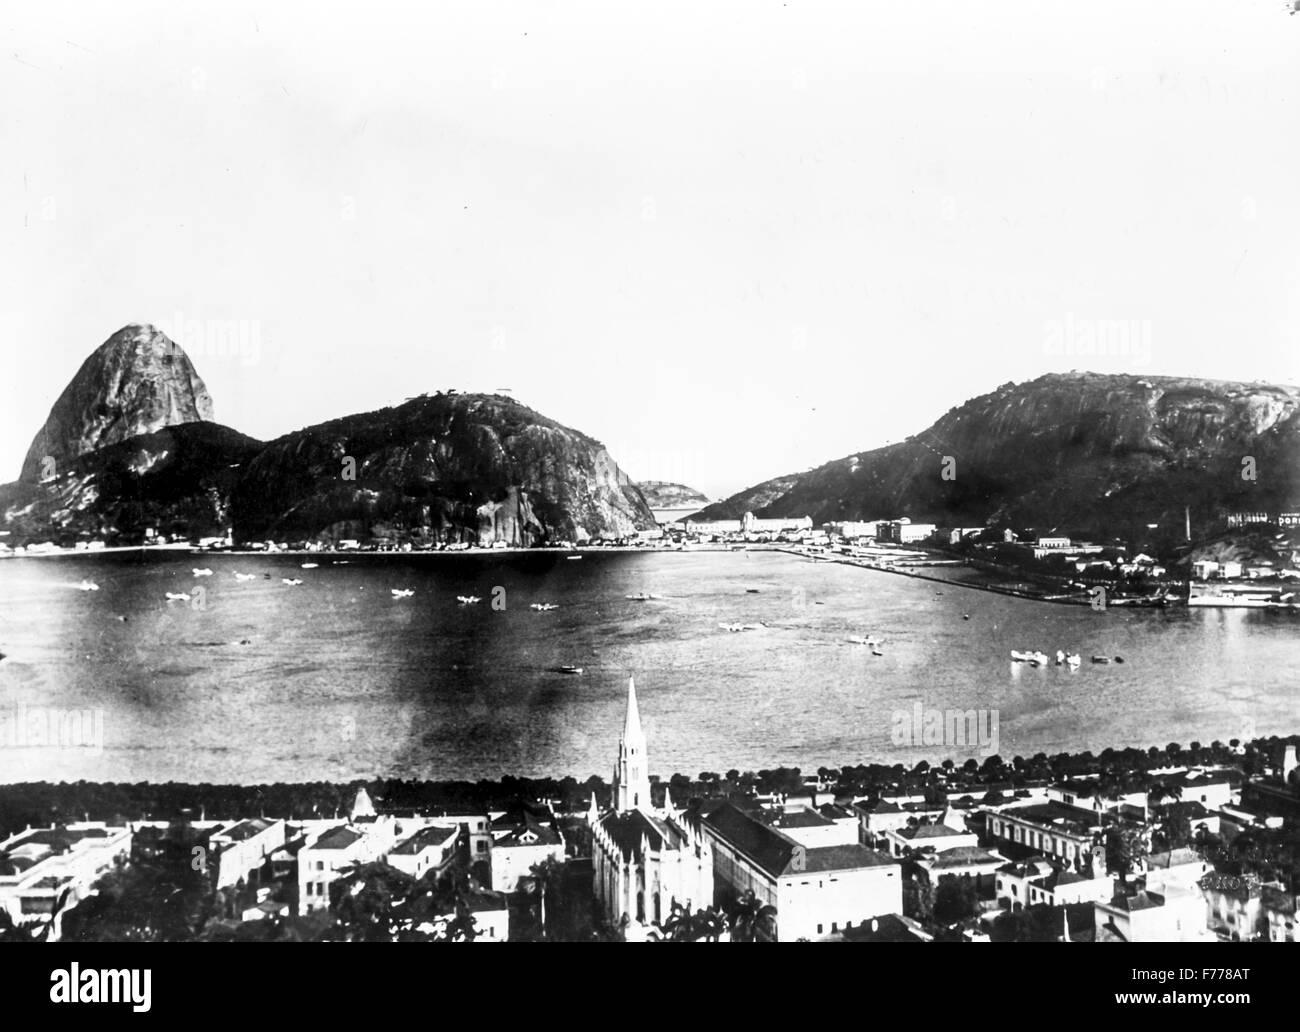 Gli idrovolanti della crociera Atlantic ormeggio nella baia di Rio de Janeiro dove il volo si è conclusa,1931 Immagini Stock